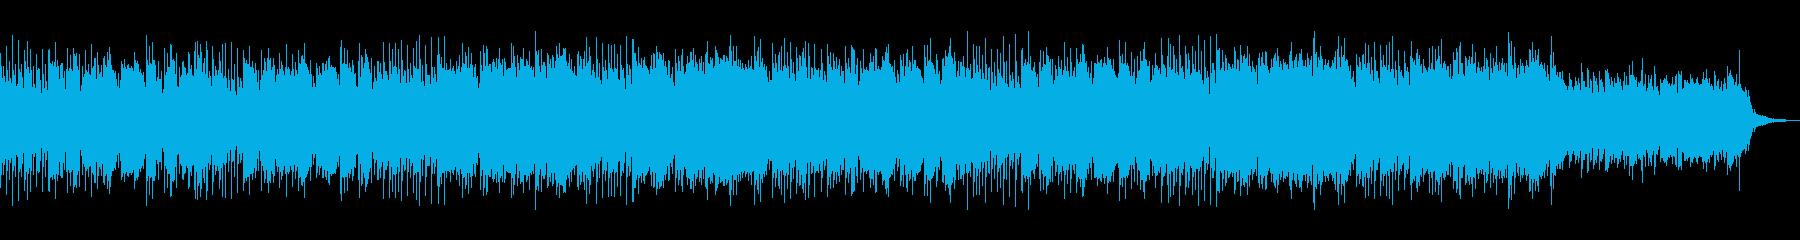 壮大で切ない印象のあるバラードの再生済みの波形